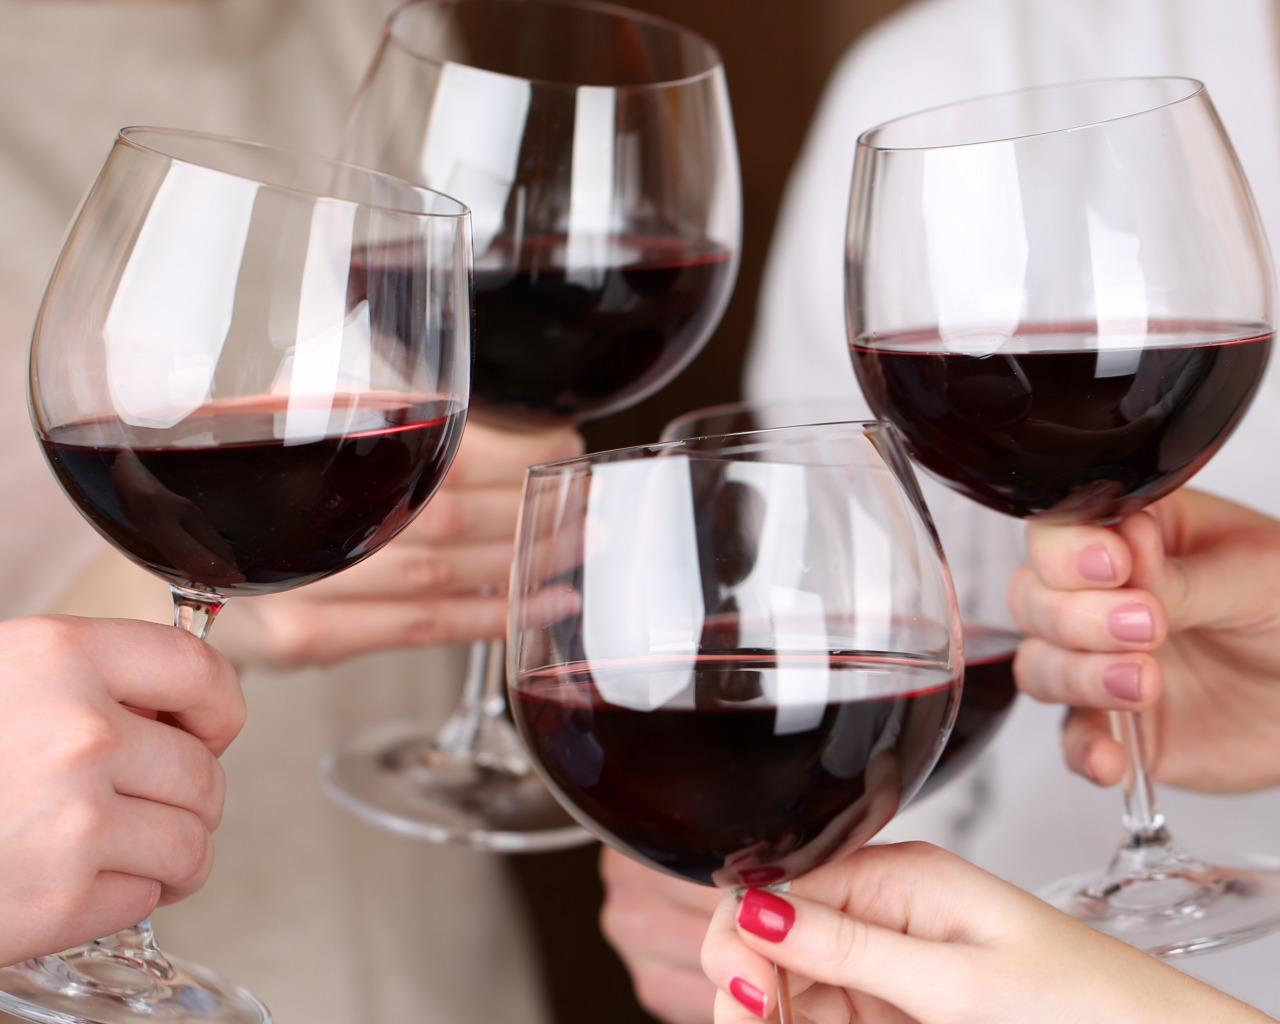 Бокалы с вином в руках